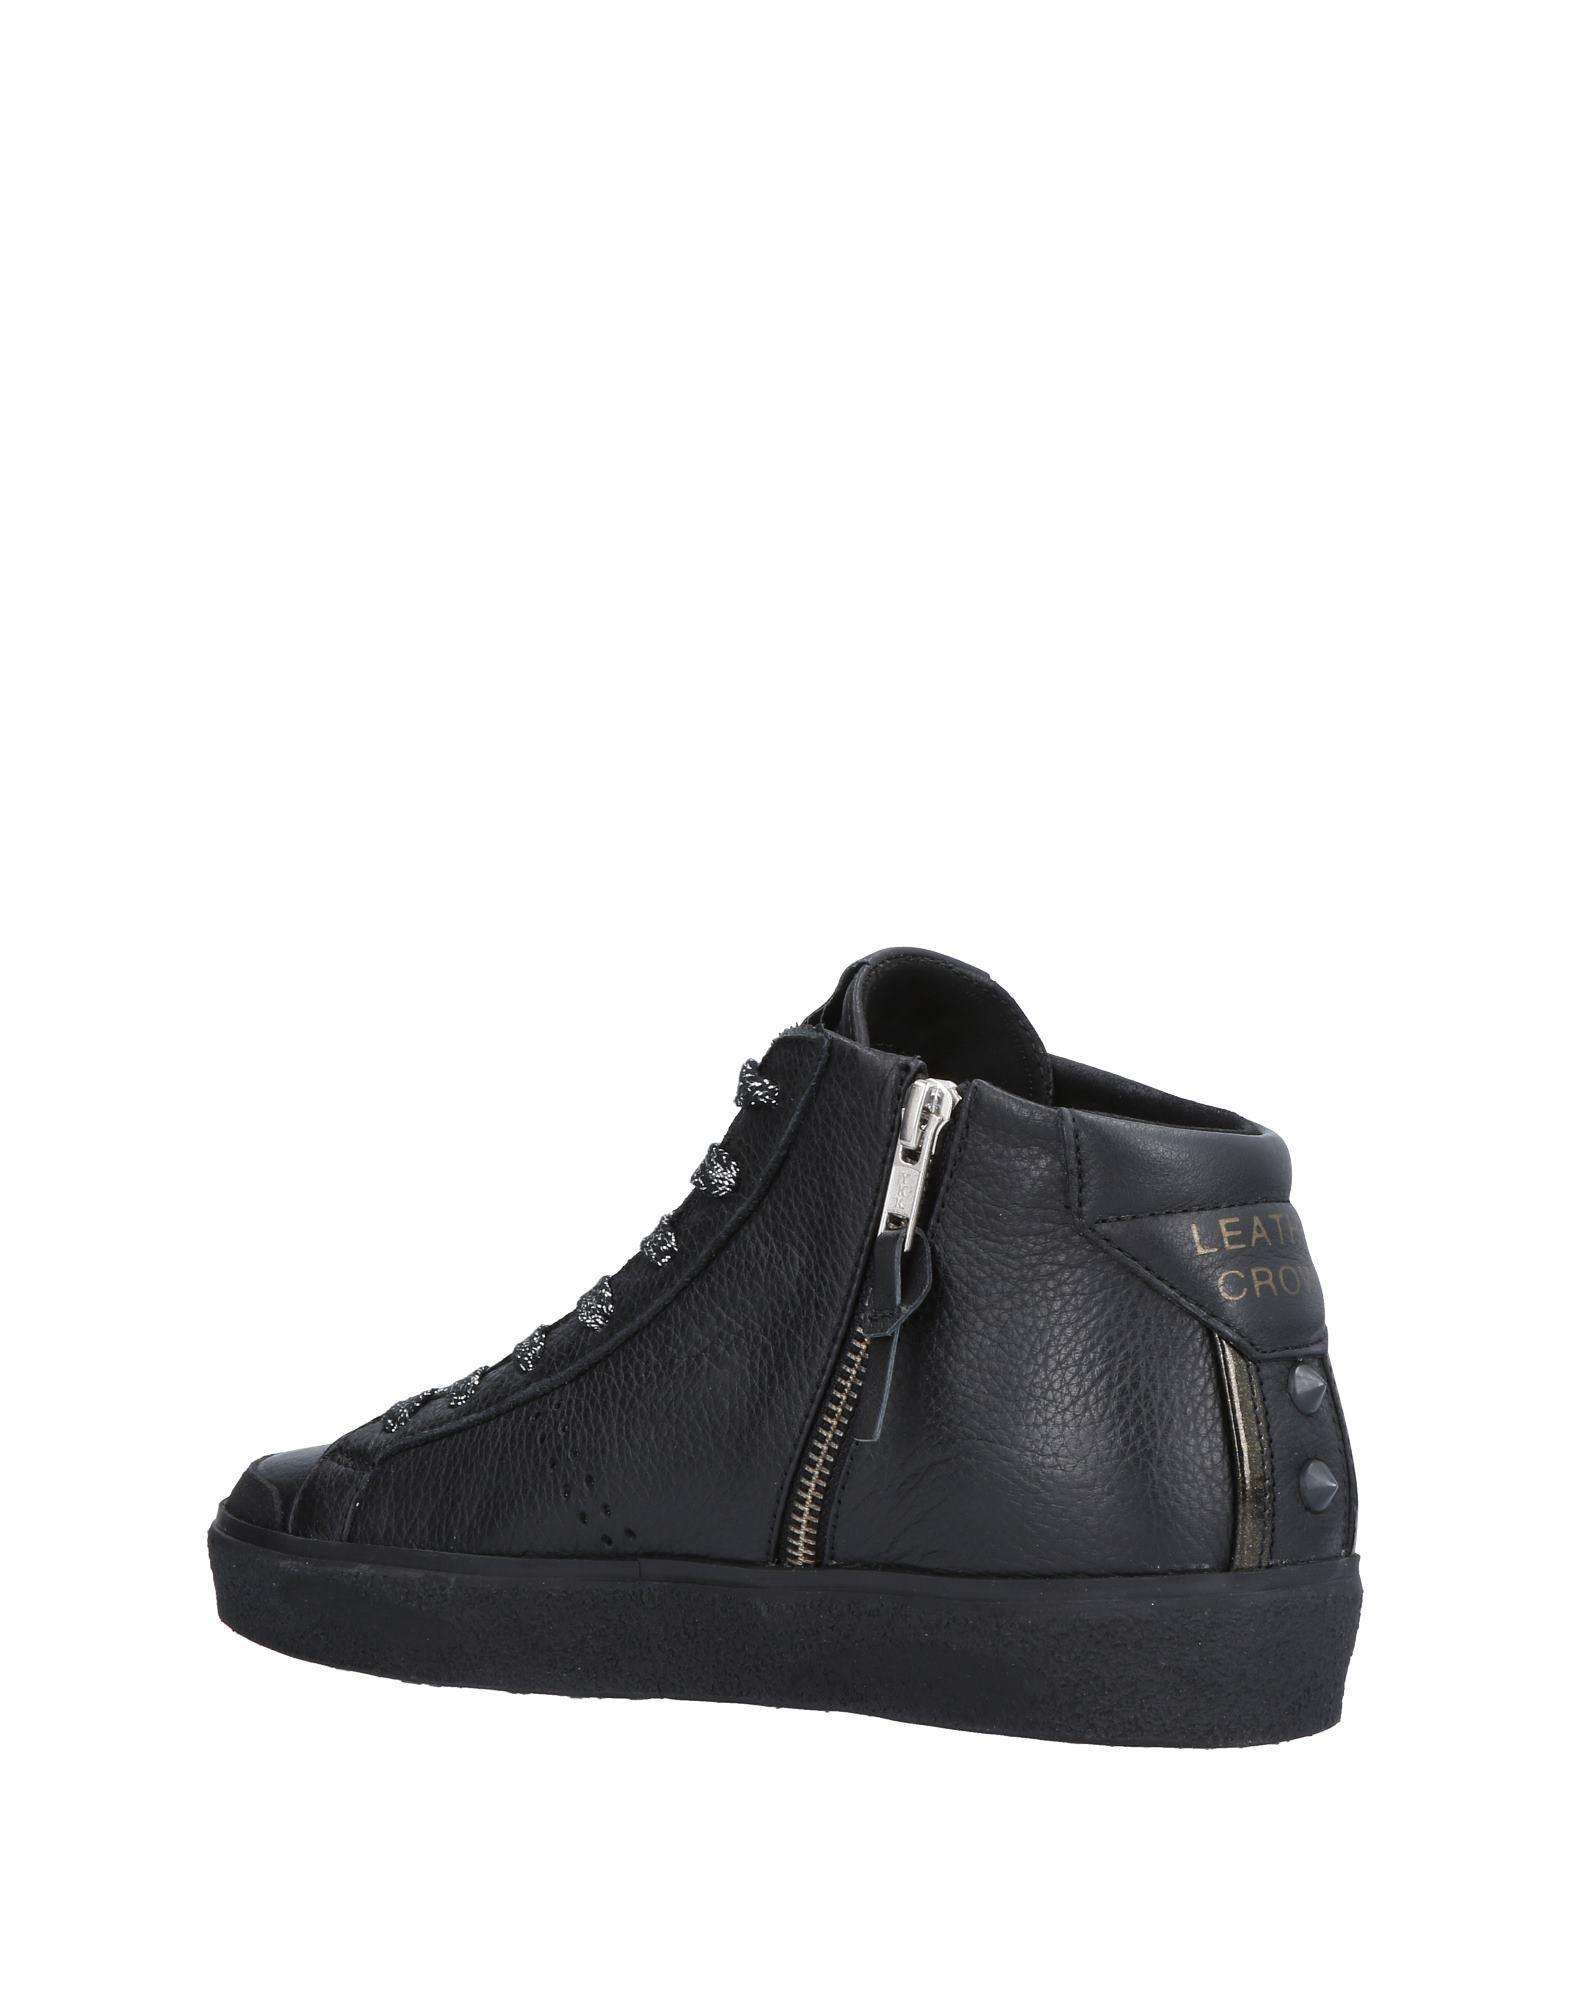 Leather Crown Sneakers Damen  11505016UTGut aussehende strapazierfähige Schuhe